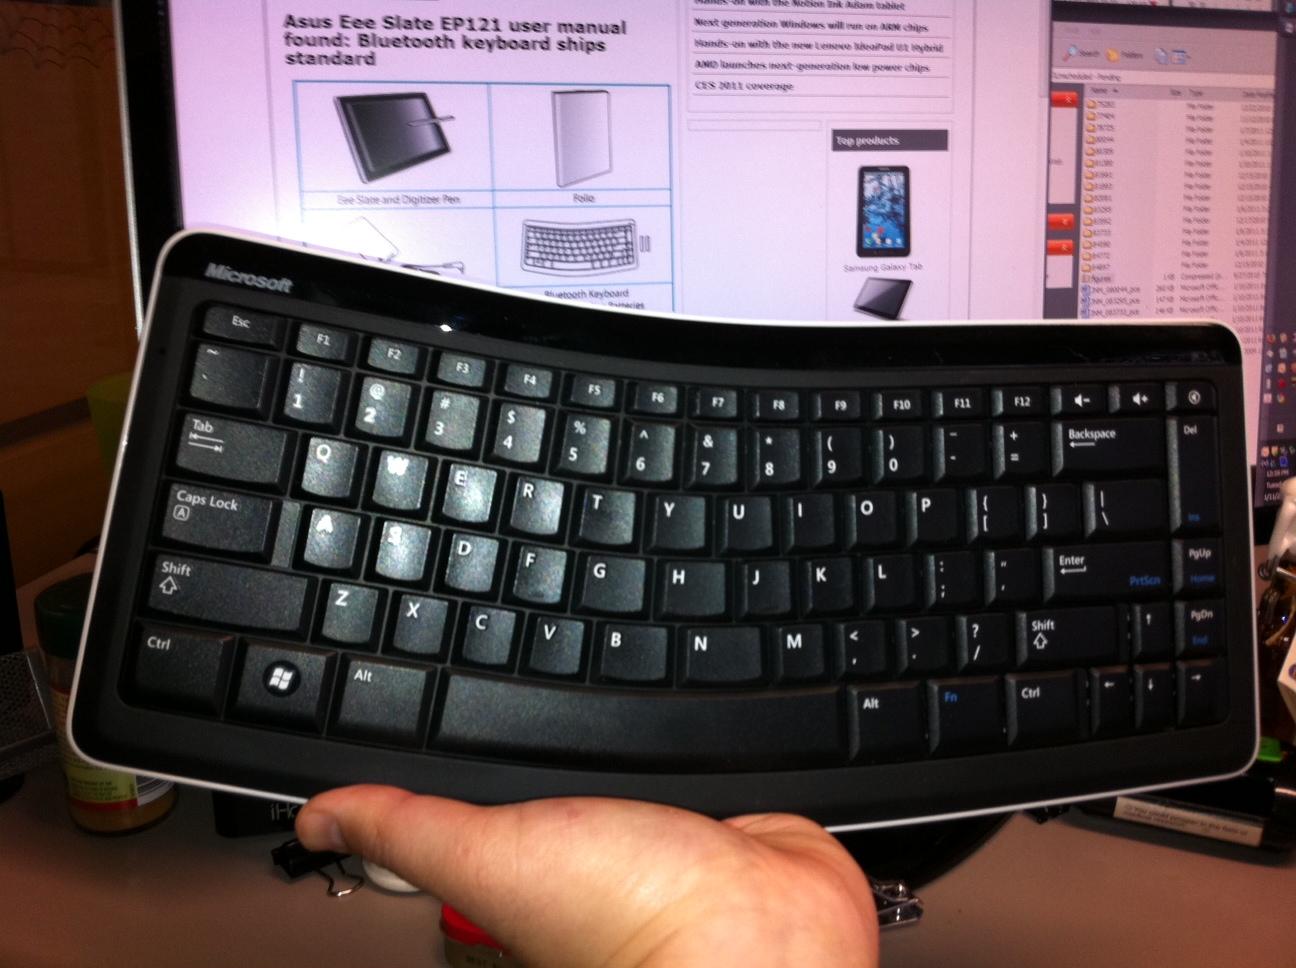 asus eee slate ep121 ships with bluetooth keyboard looks like mine rh gottabemobile com microsoft wireless keyboard 6000 manual microsoft wireless laser keyboard 6000 v2.0 manual